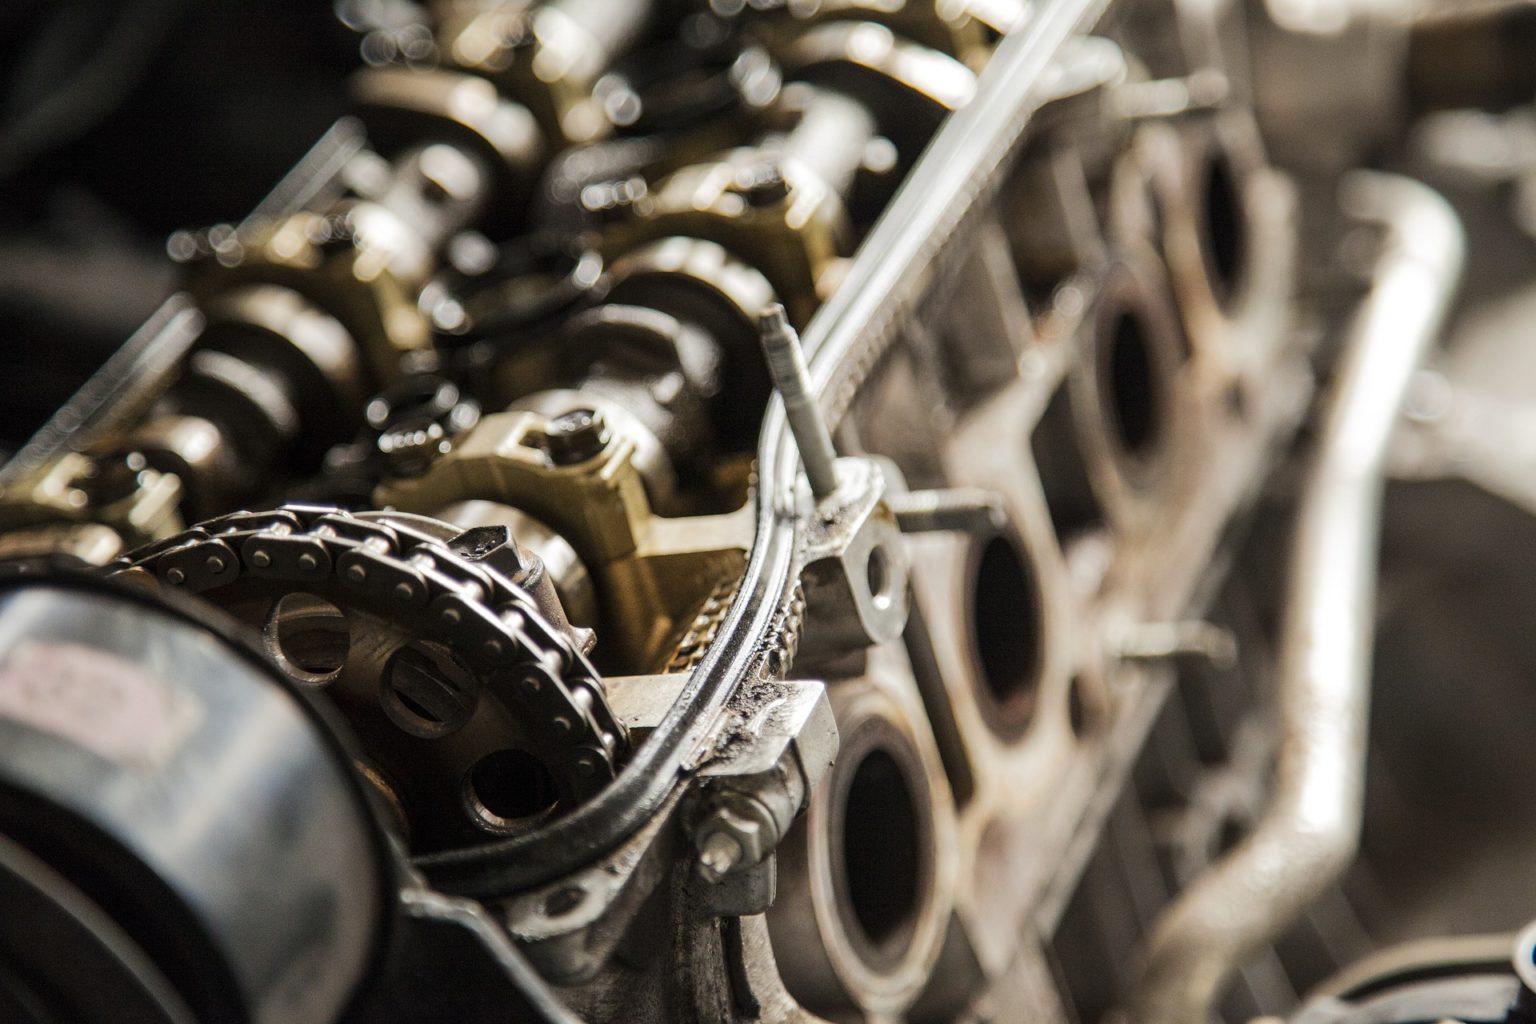 Самые ненадежные автомобильные двигатели